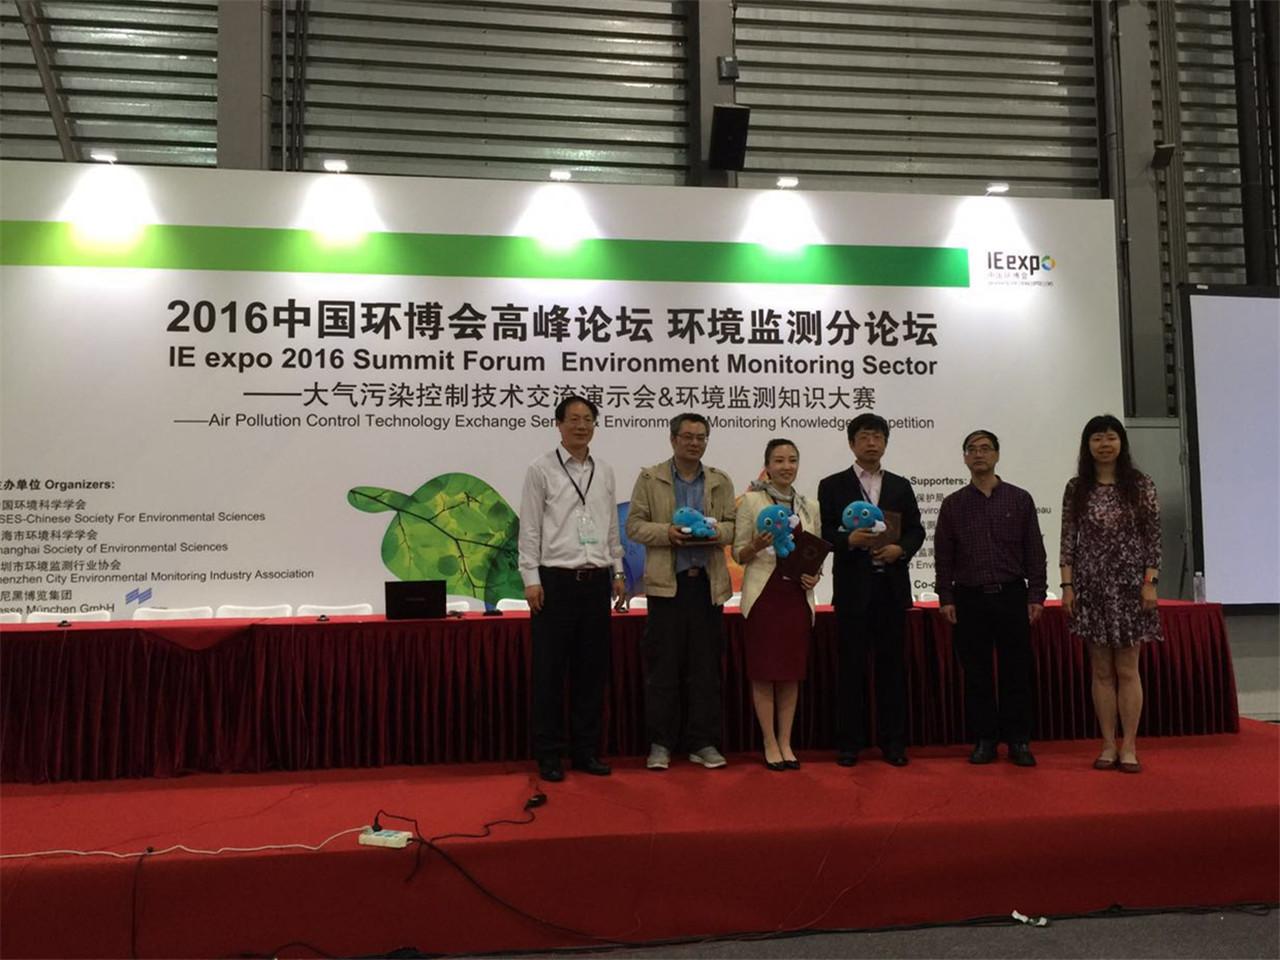 上海寶英光電科技有限公司參加2016年上海環博會